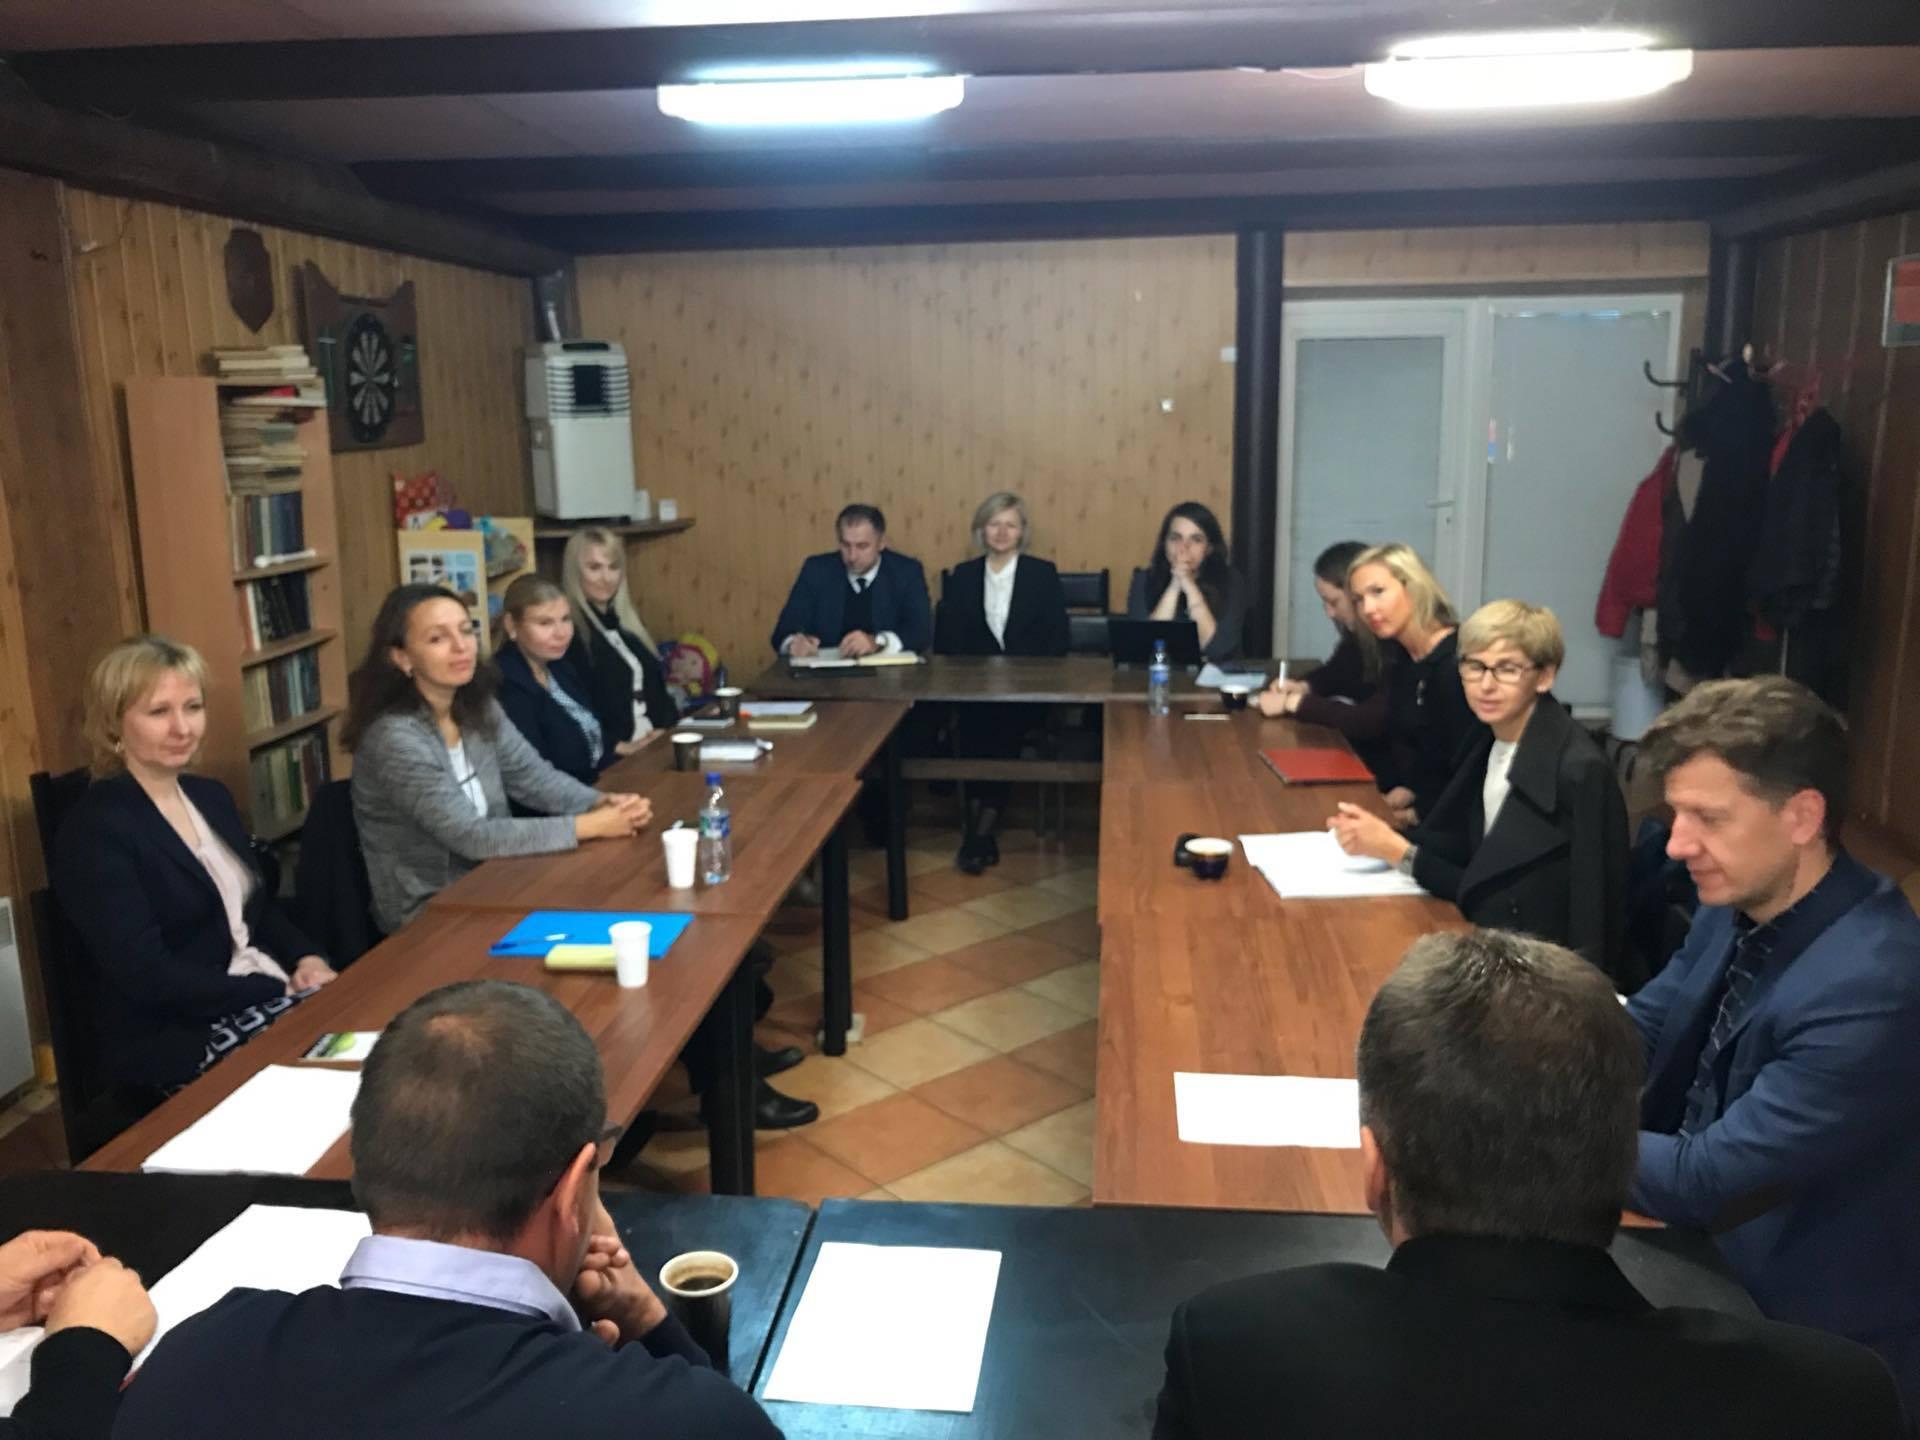 Priklausomybių ligų specialistų asociacijoje viešėjo Prezidentūros, NTAKD, Savivaldybių asociacijos, įvairių Kauno miesto institucijų atstovai.